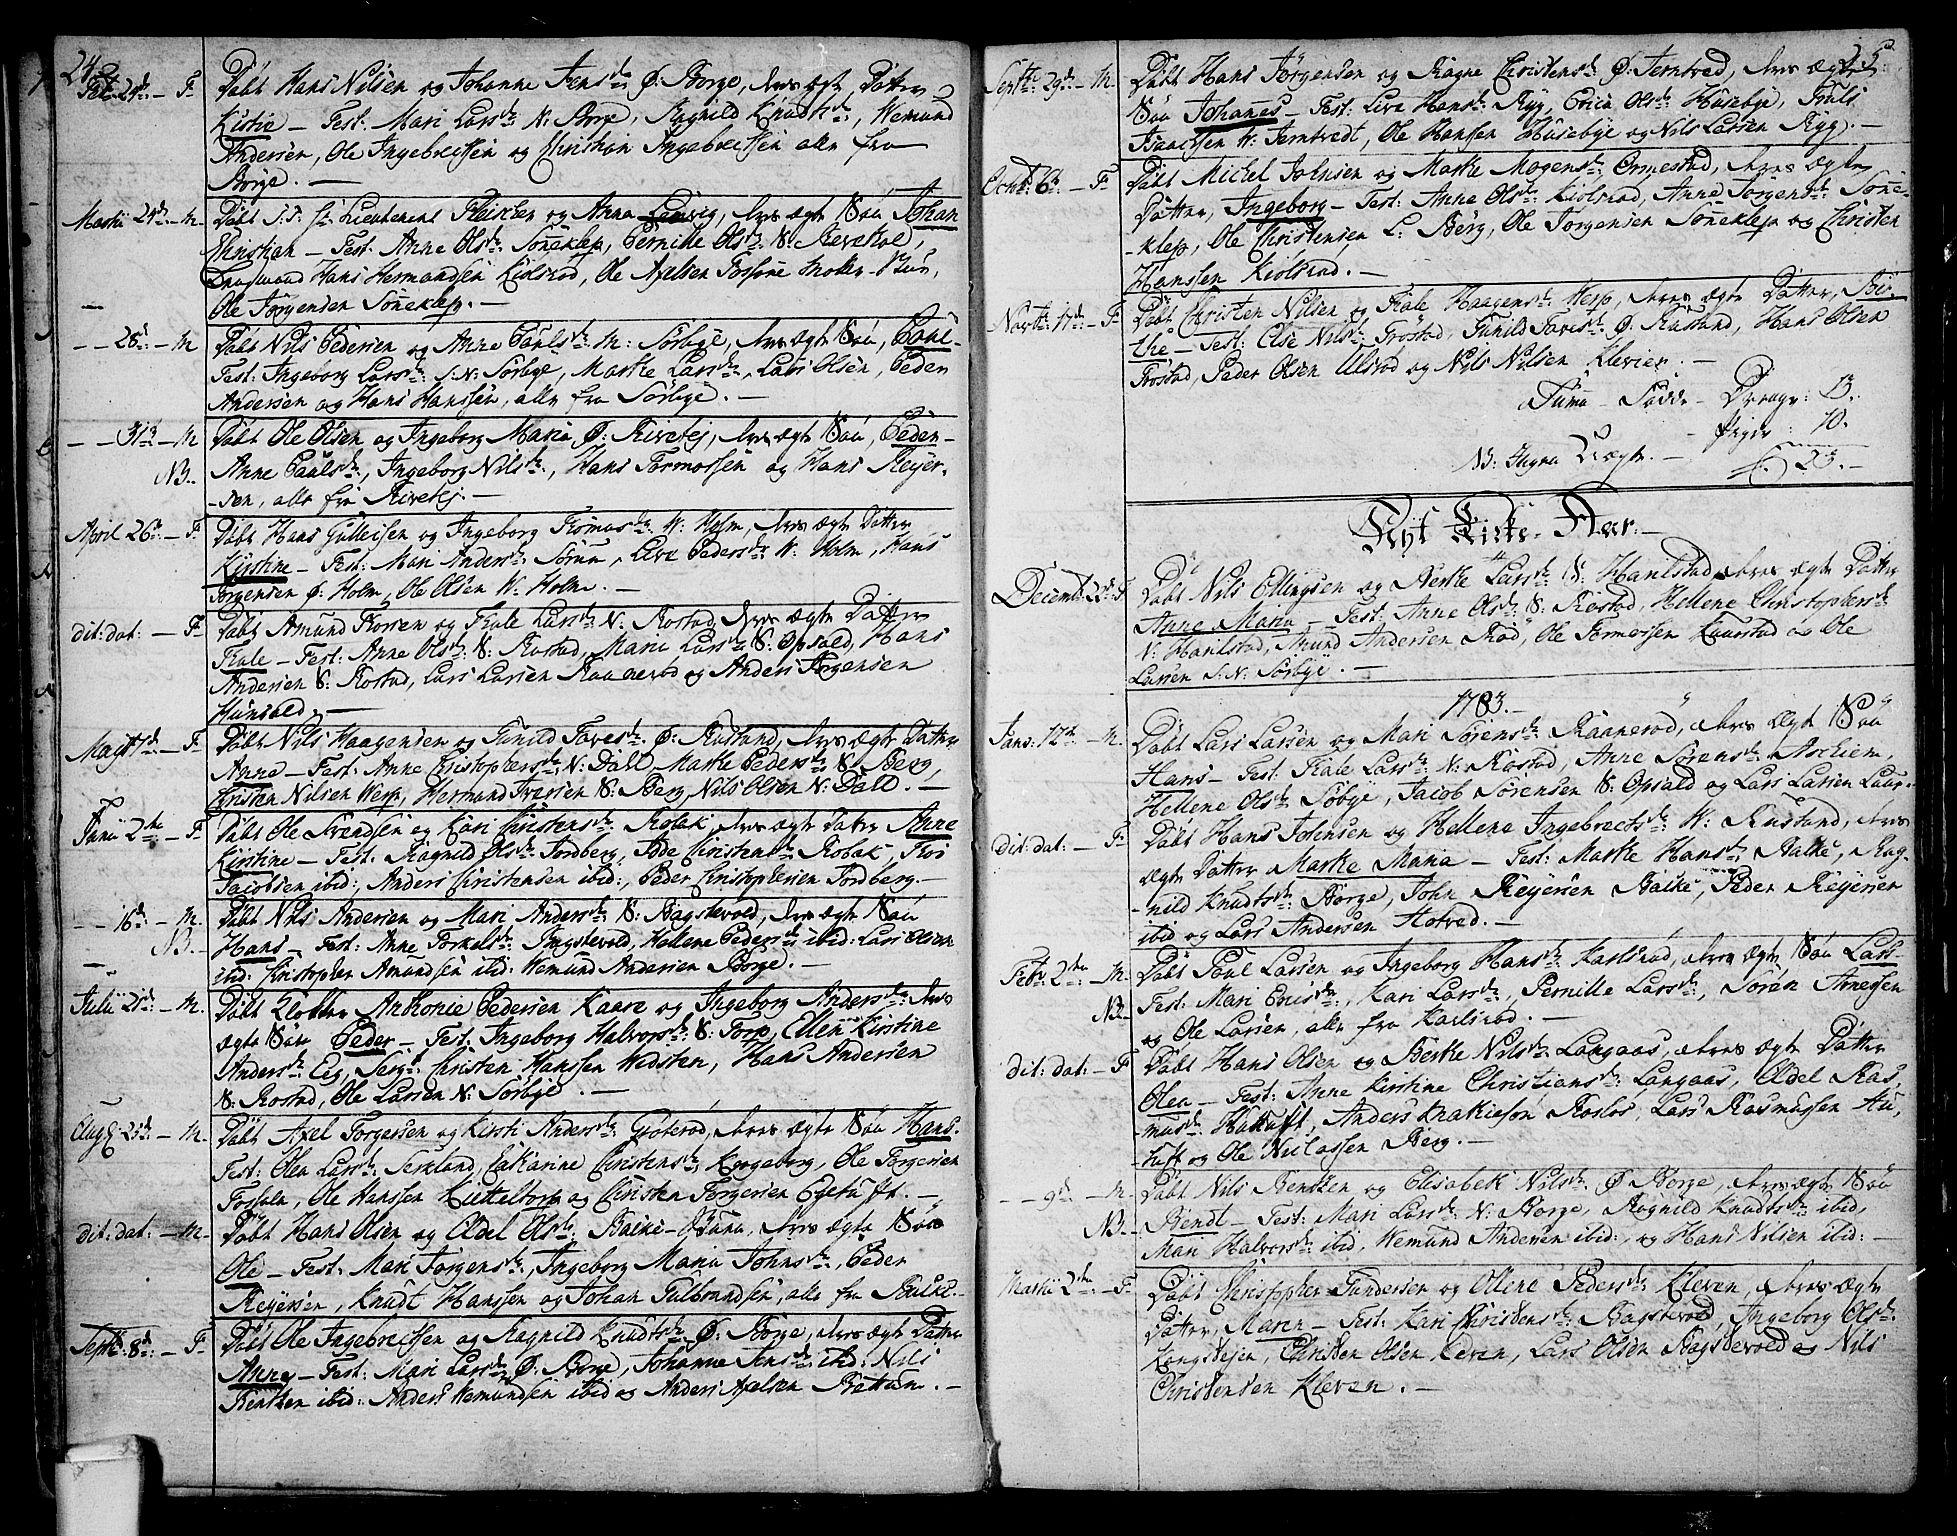 SAKO, Våle kirkebøker, F/Fa/L0005: Ministerialbok nr. I 5, 1773-1808, s. 24-25